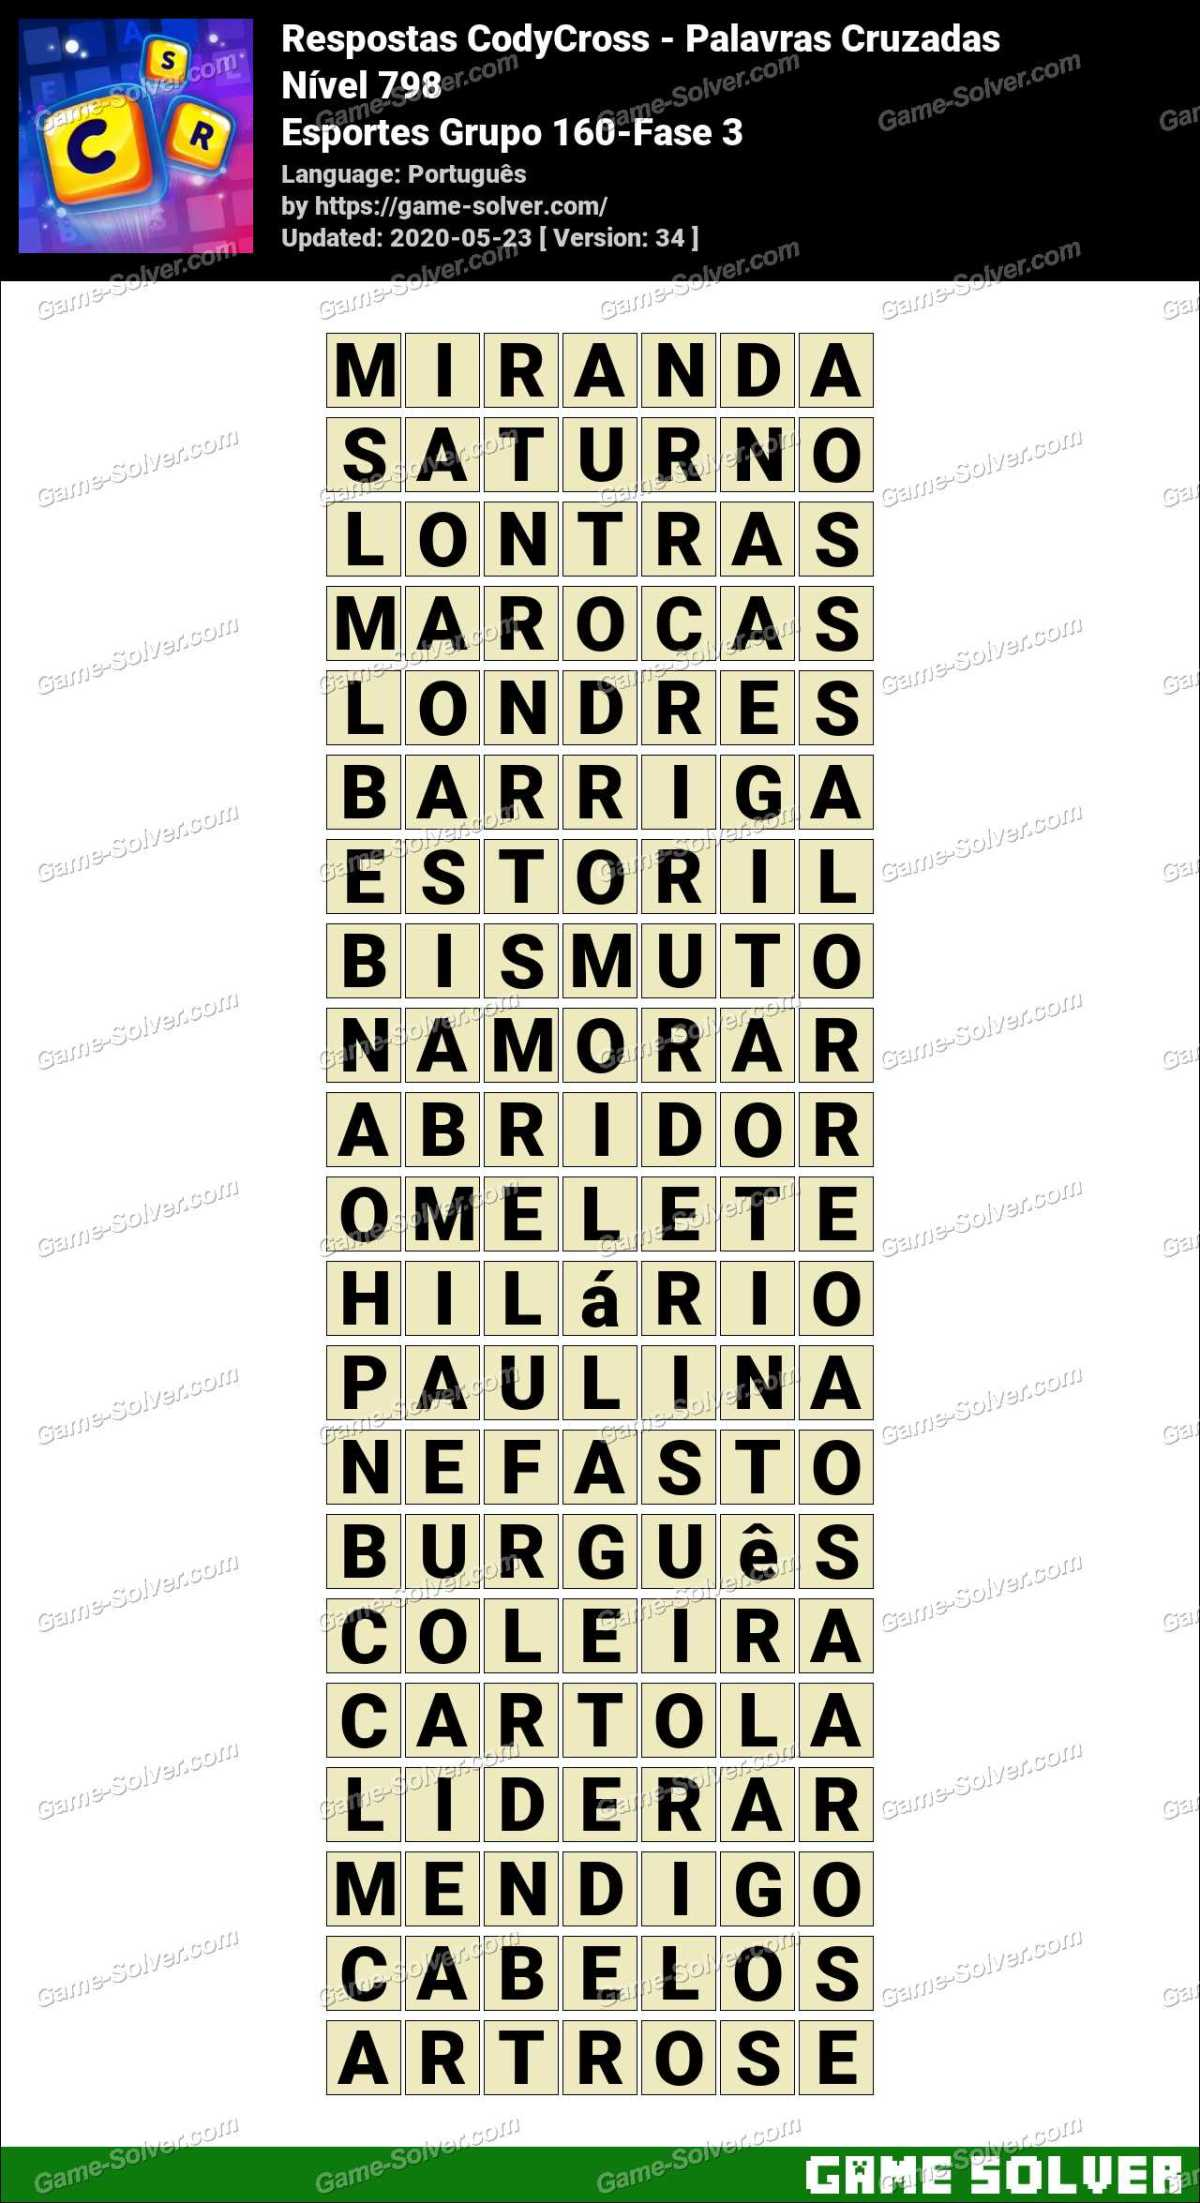 Respostas CodyCross Esportes Grupo 160-Fase 3